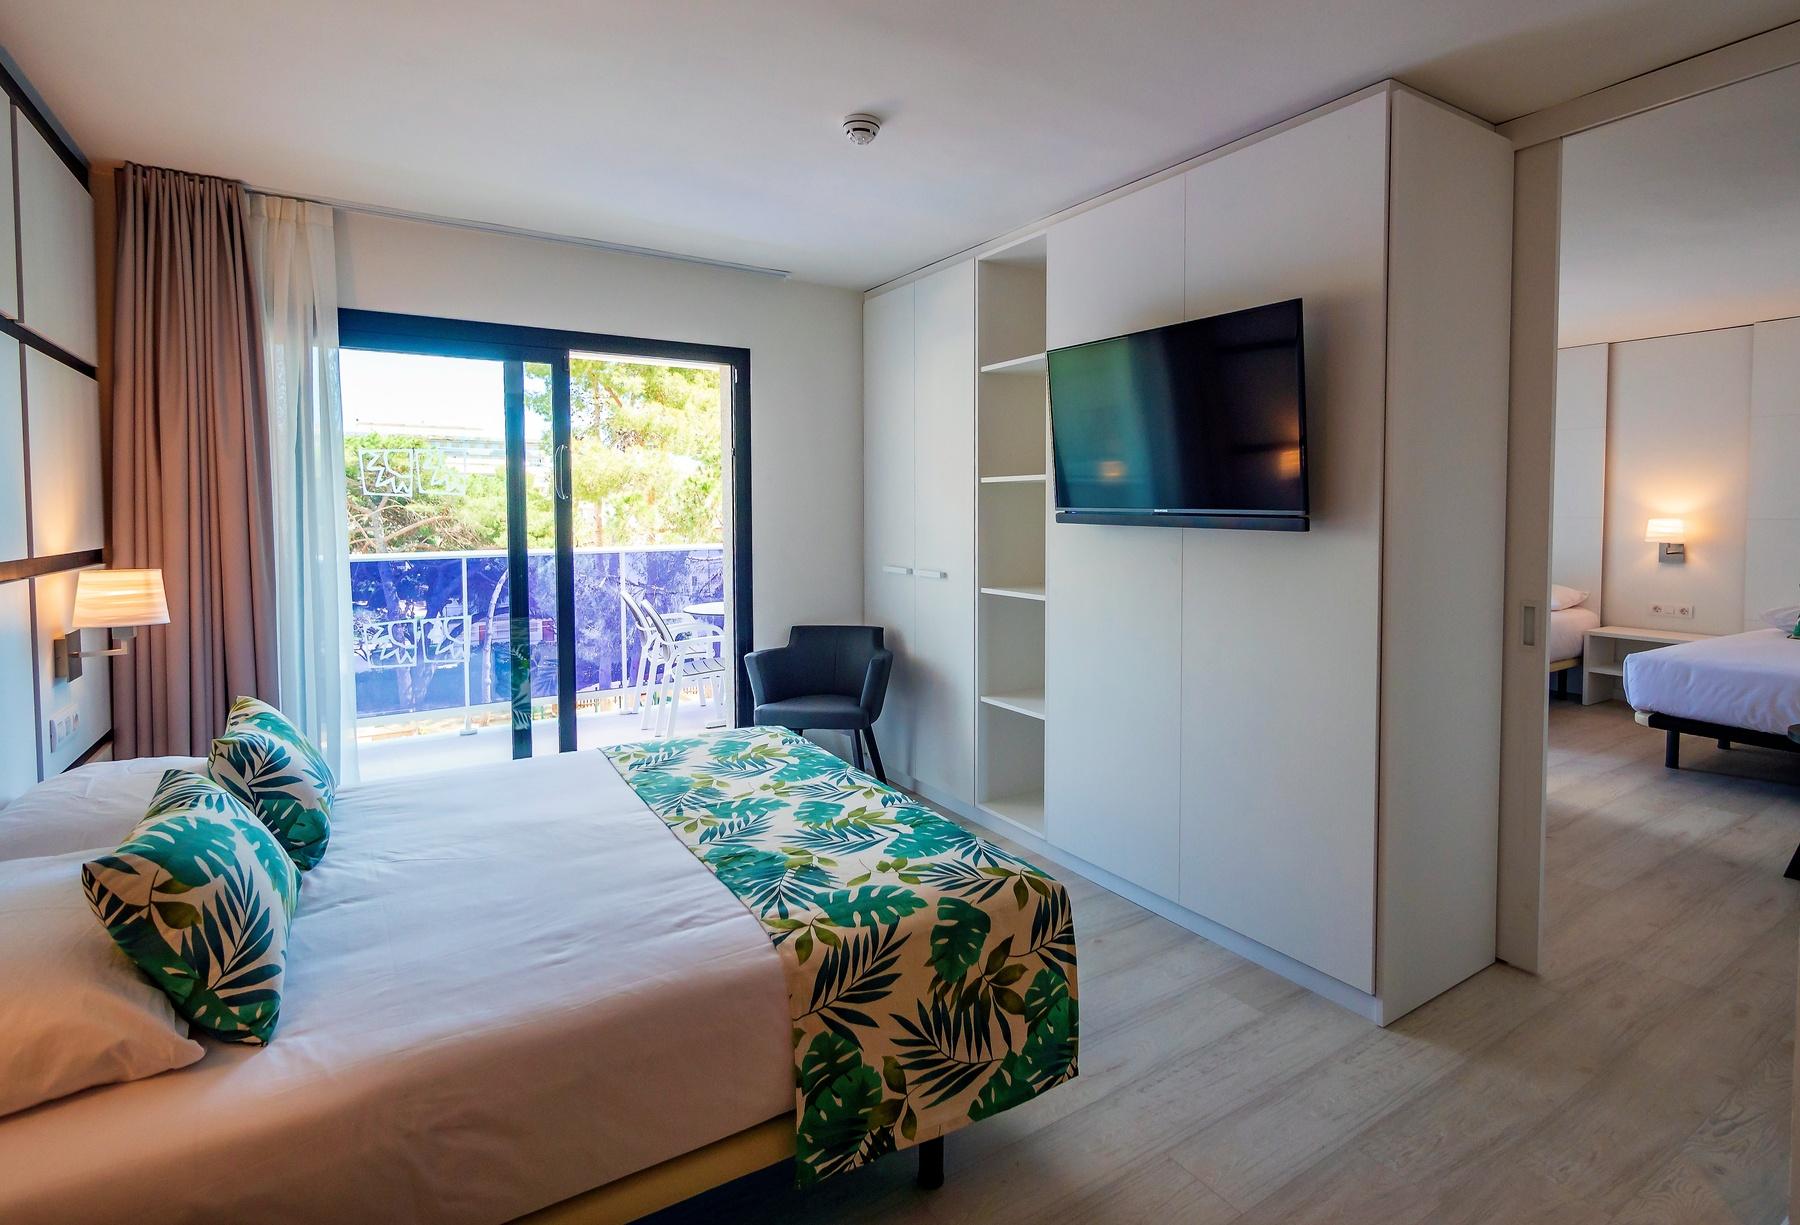 habitació Family Suites Costa Daurada suite